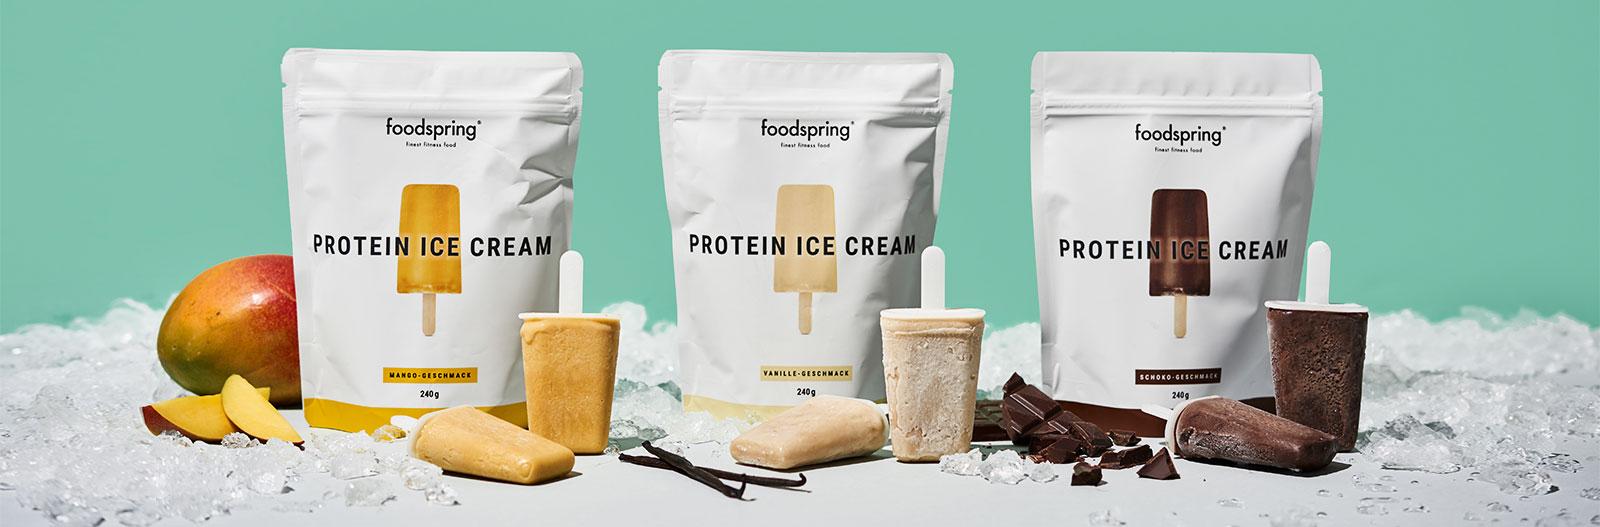 Il tuo frullato proteico da leccare.